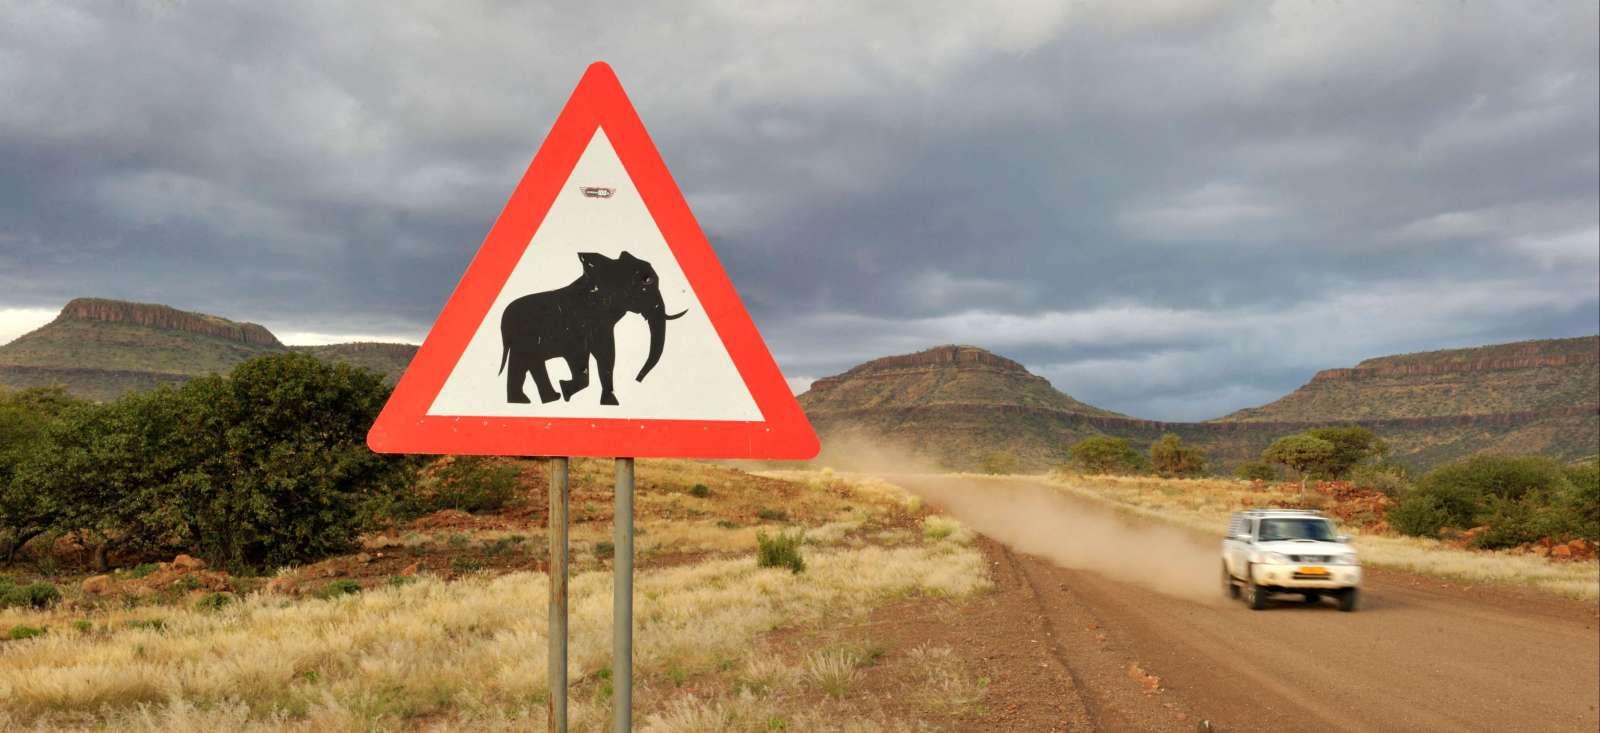 Voyage en véhicule Namibie : Les incontournables de Namibie en autotour